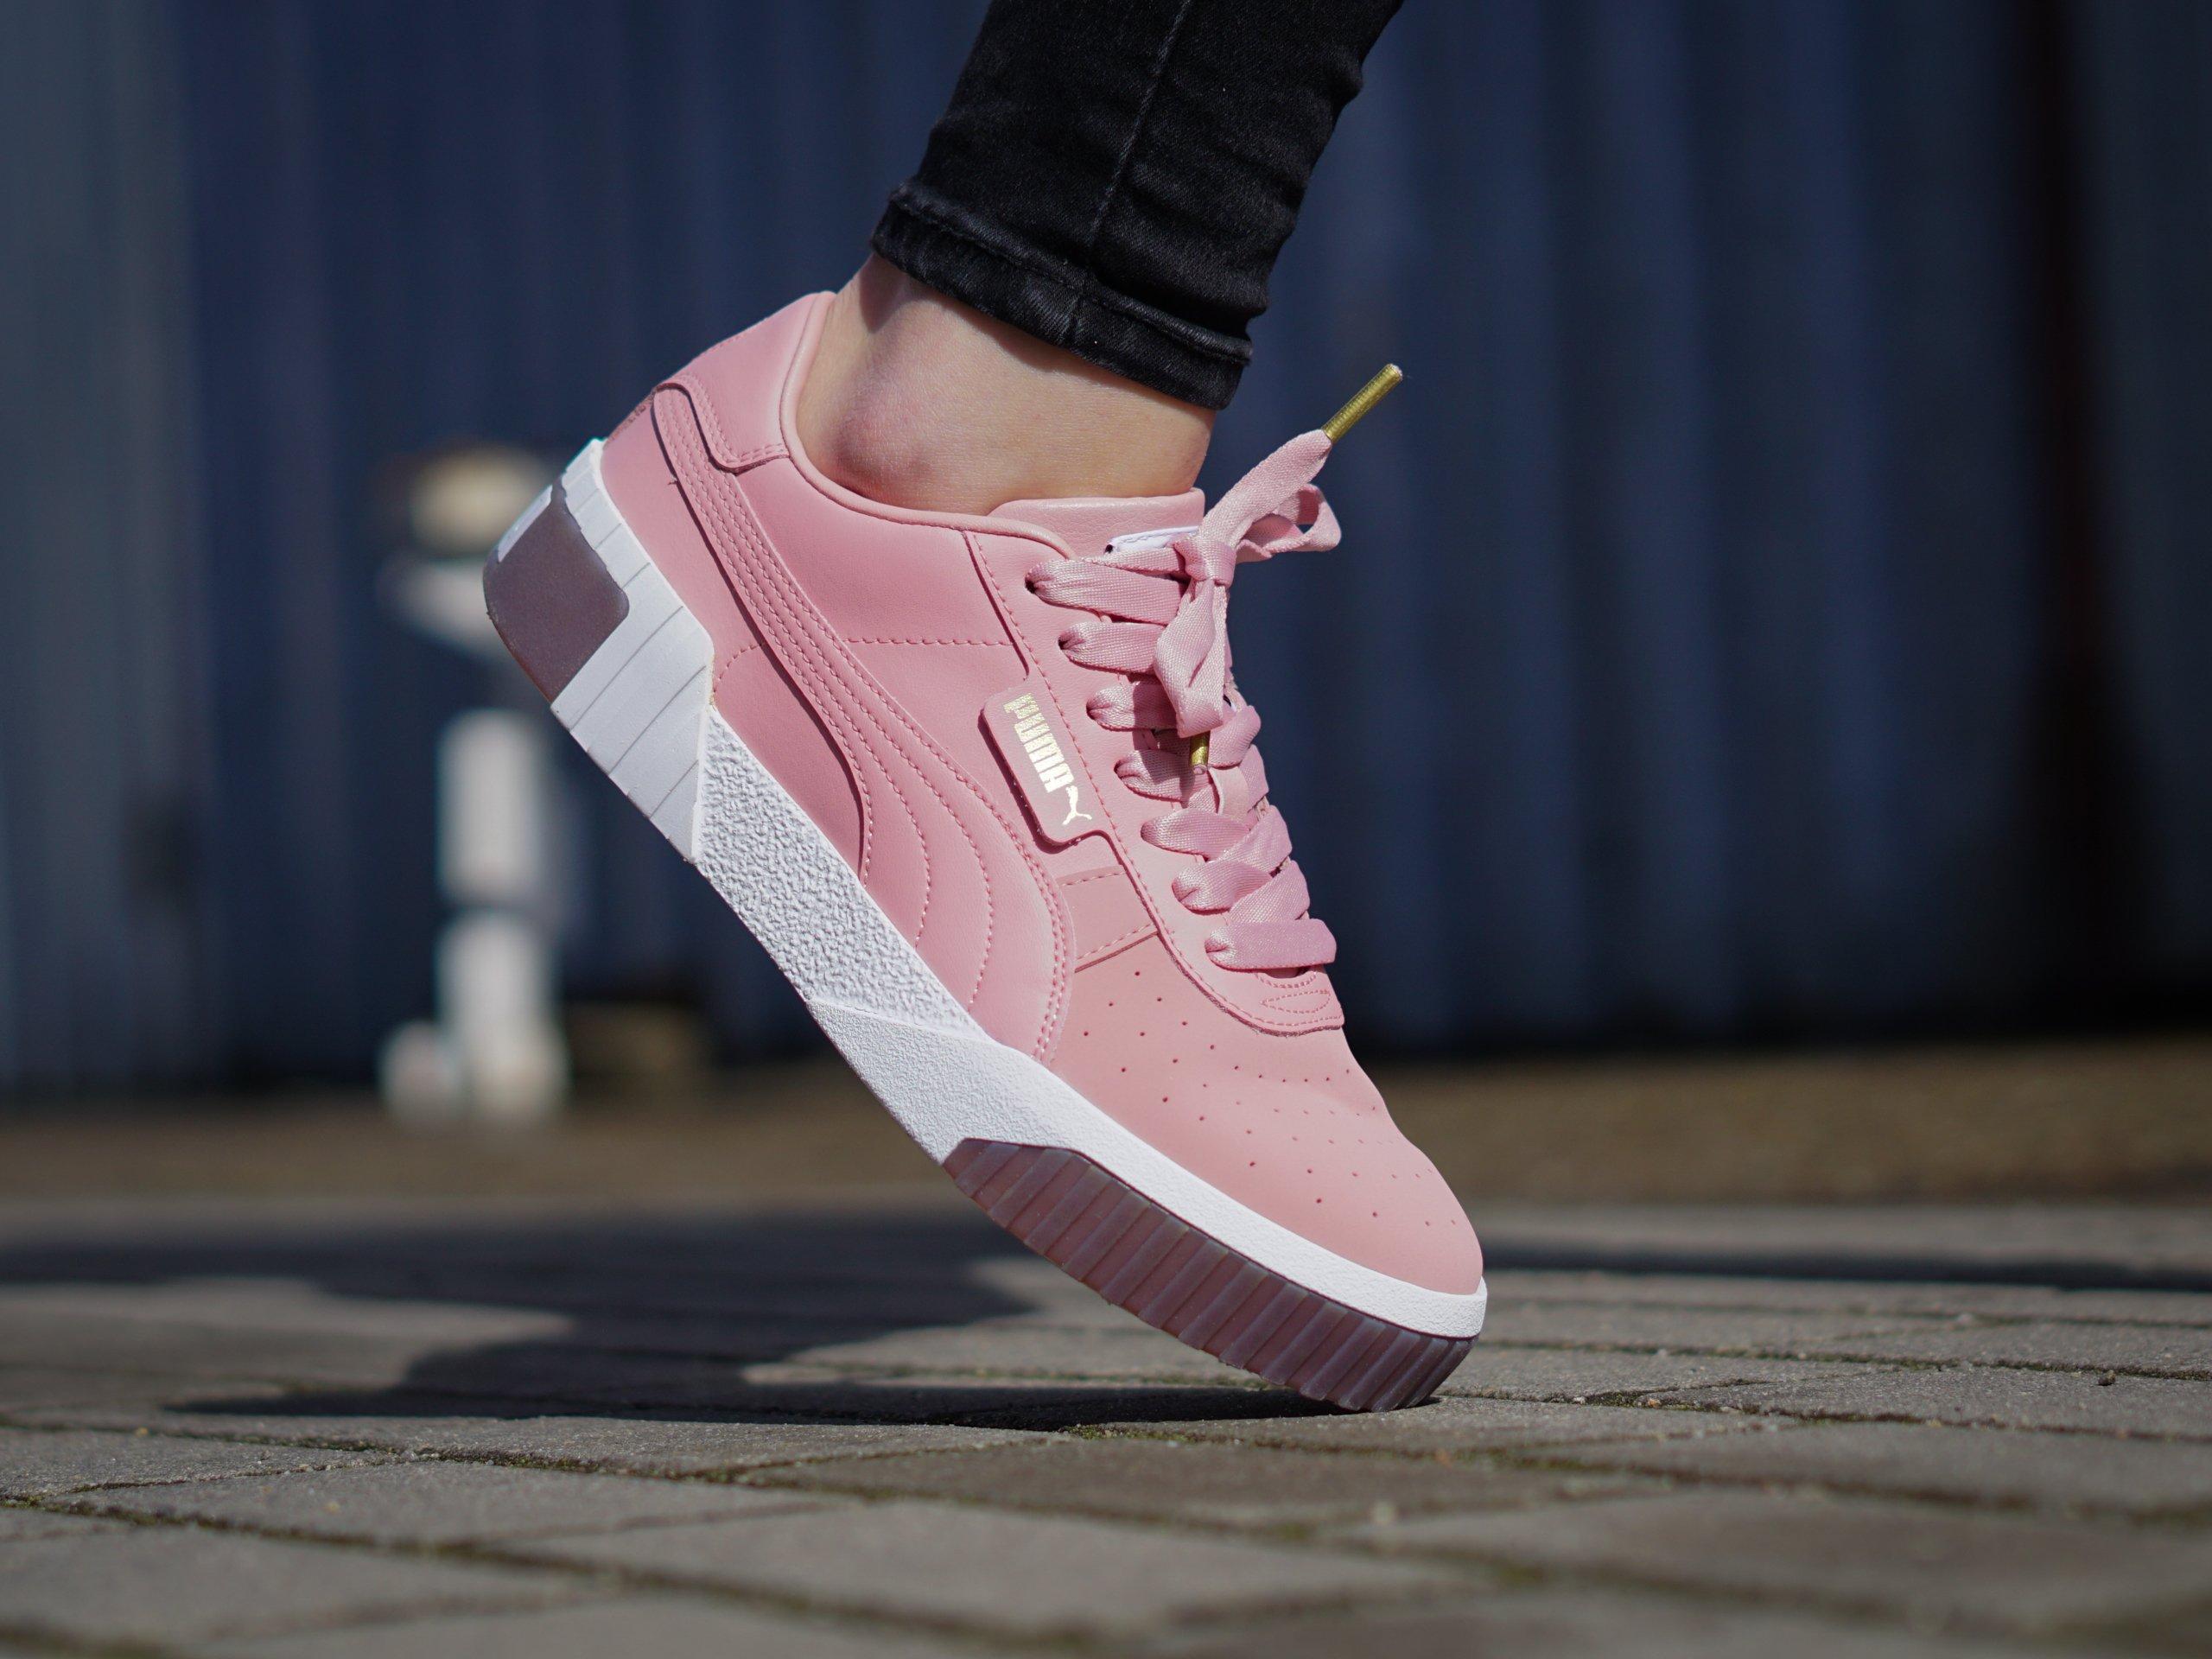 Puma - Cali Exotic Wn's Bridal Rose 369653-02 - Sneakers - Pink ...